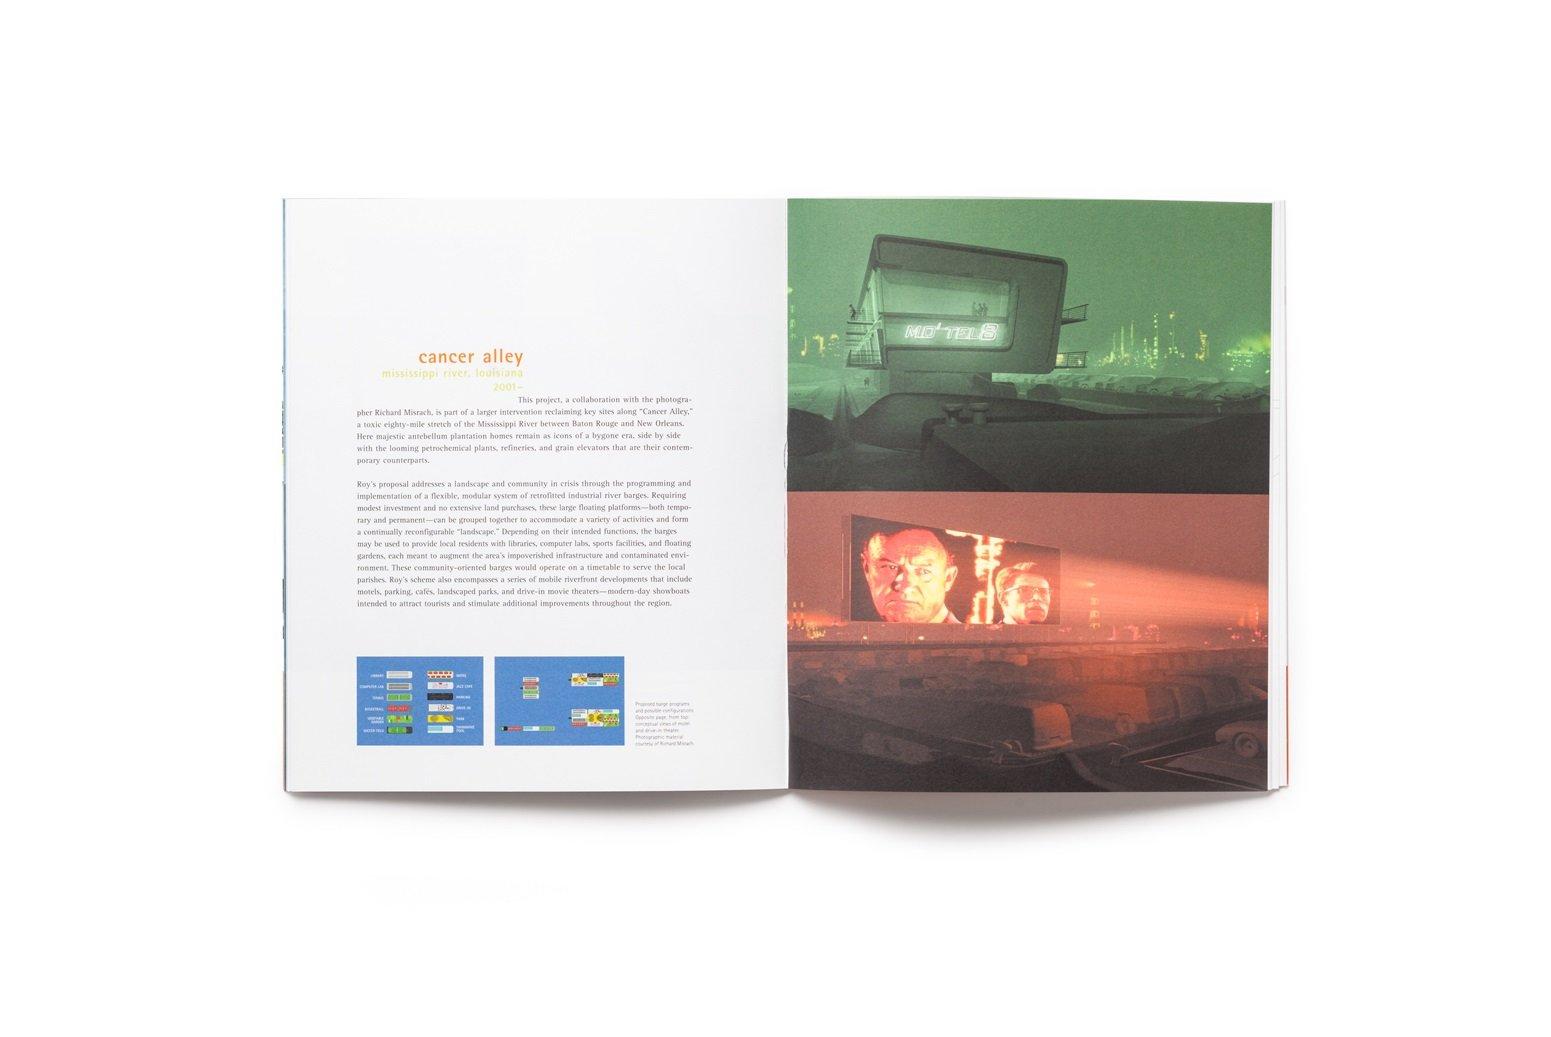 ROY: design series 1 publication pages 36-37